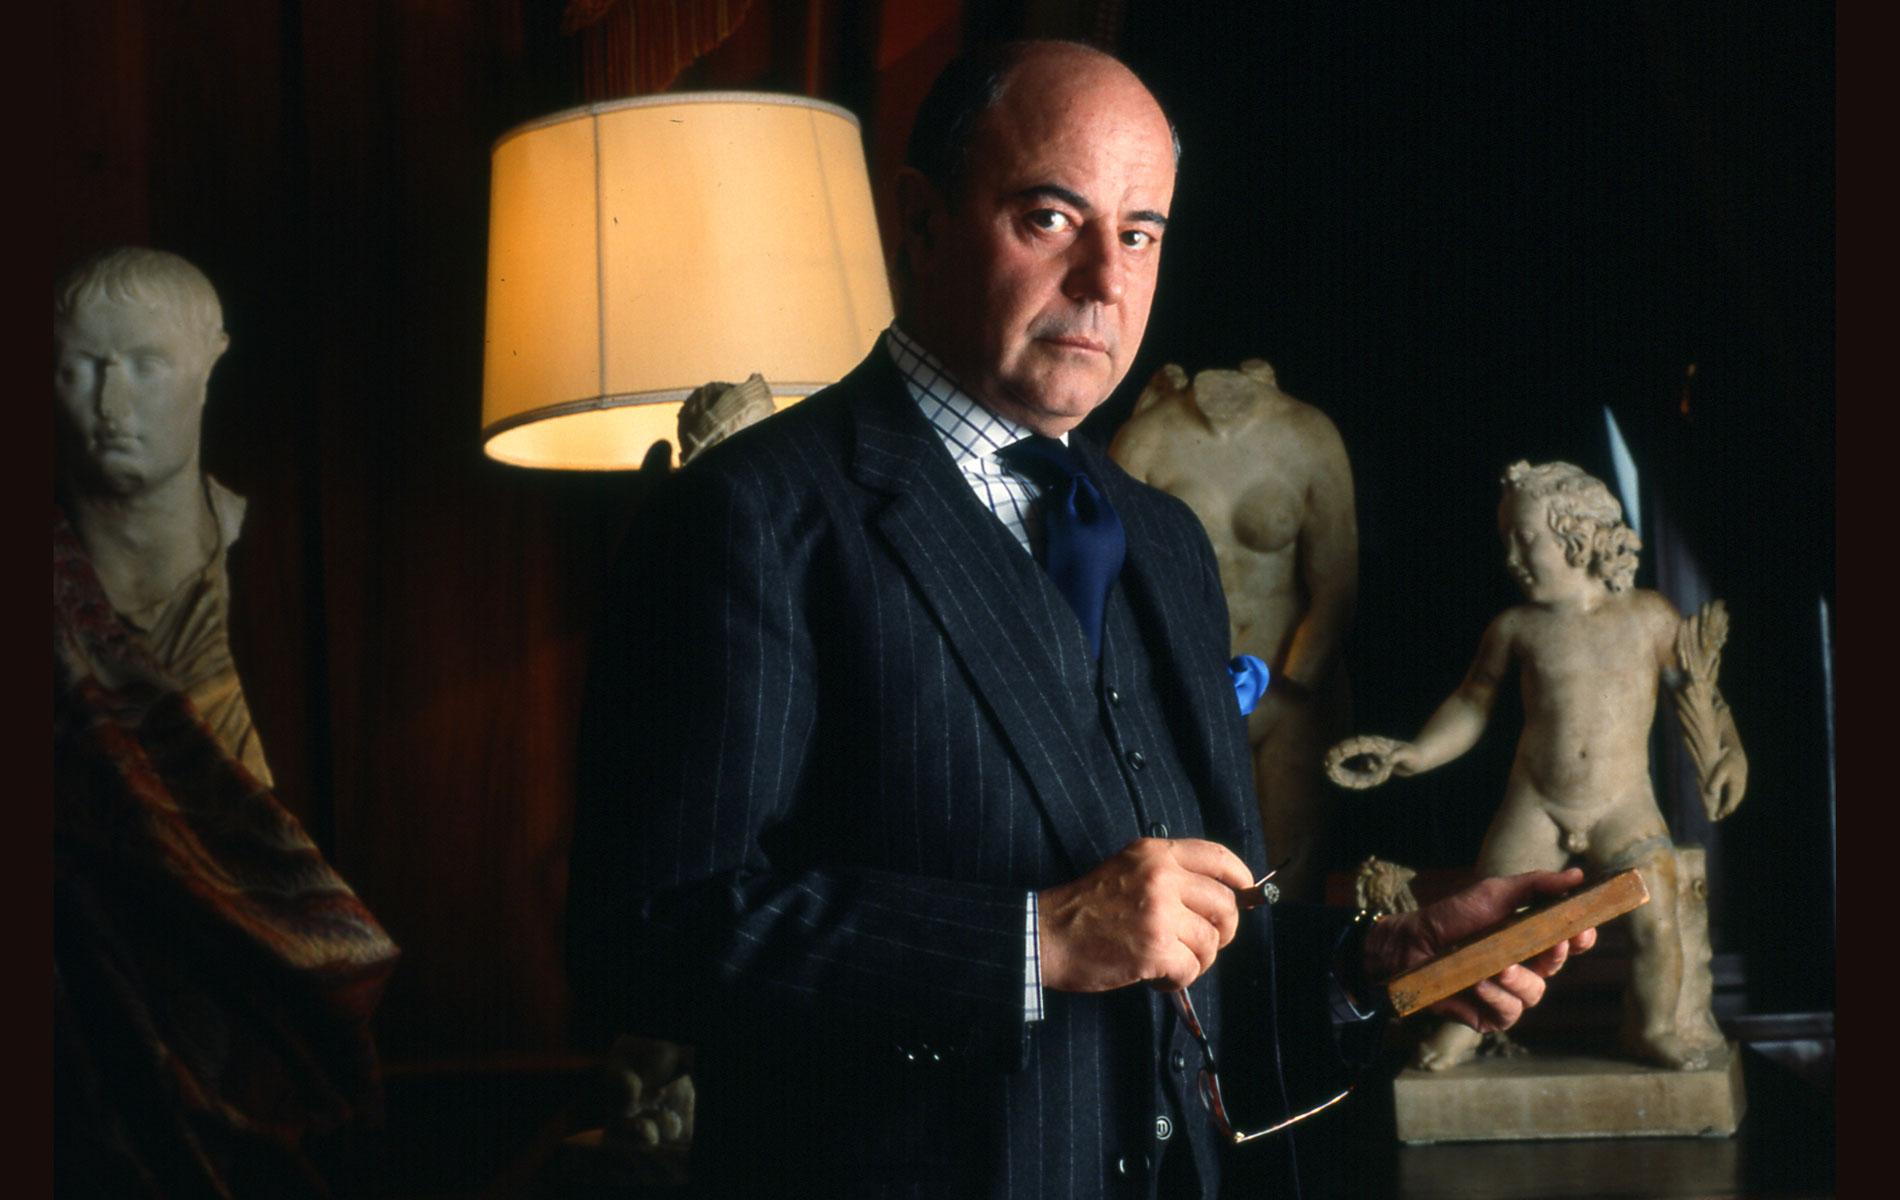 GIMMO ETRO - Italian fashion entrepreneur - Portraits Exhibition - © Graziano Villa